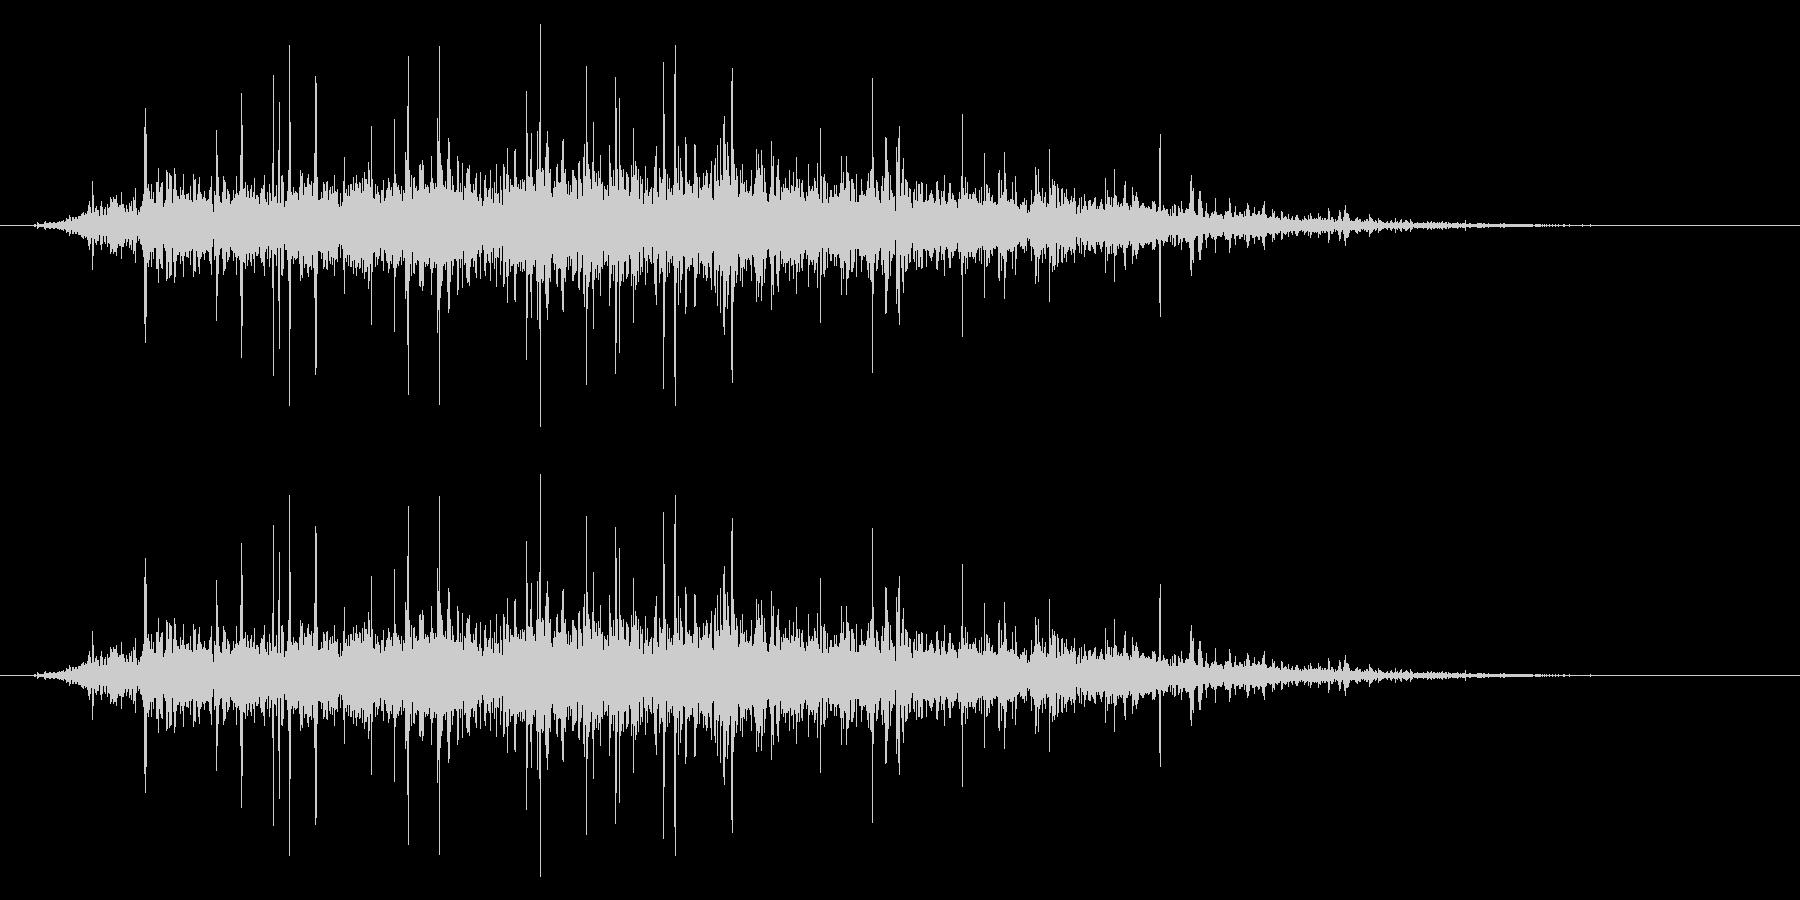 SNES ゴルフ01-09(歓声)の未再生の波形